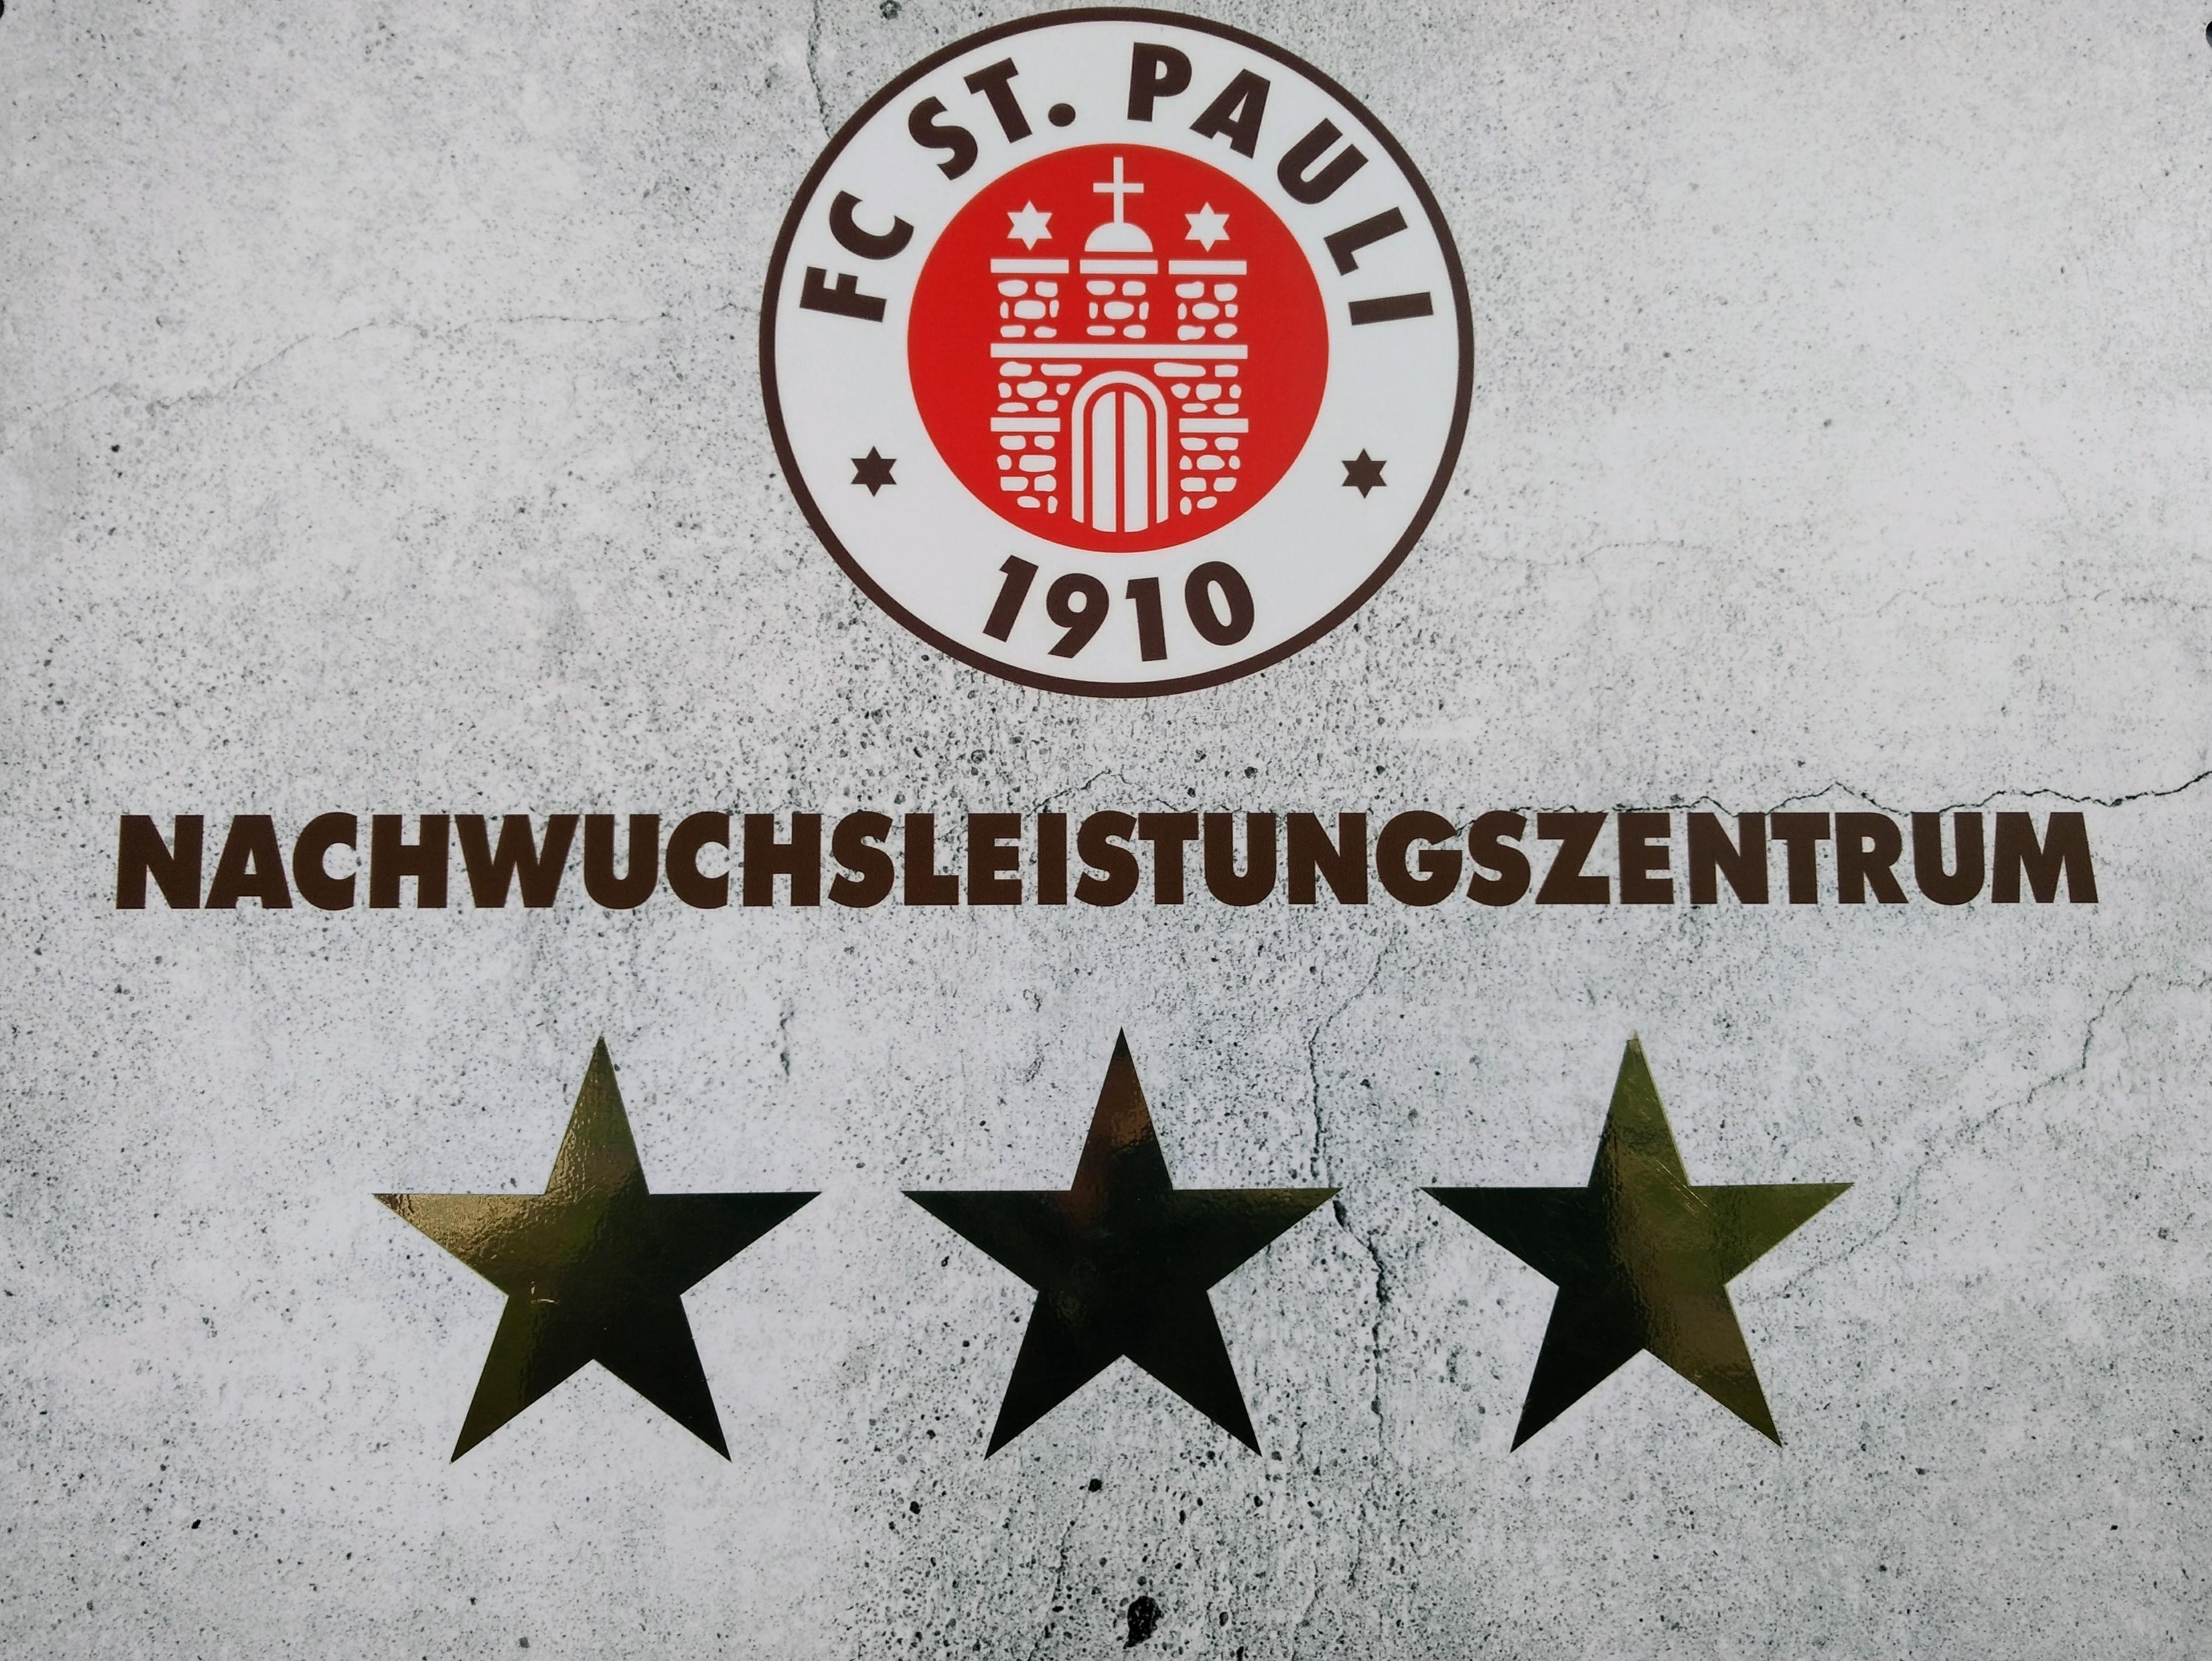 Werde Teil der Nachwuchs-Ausbildung beim FC St. Pauli